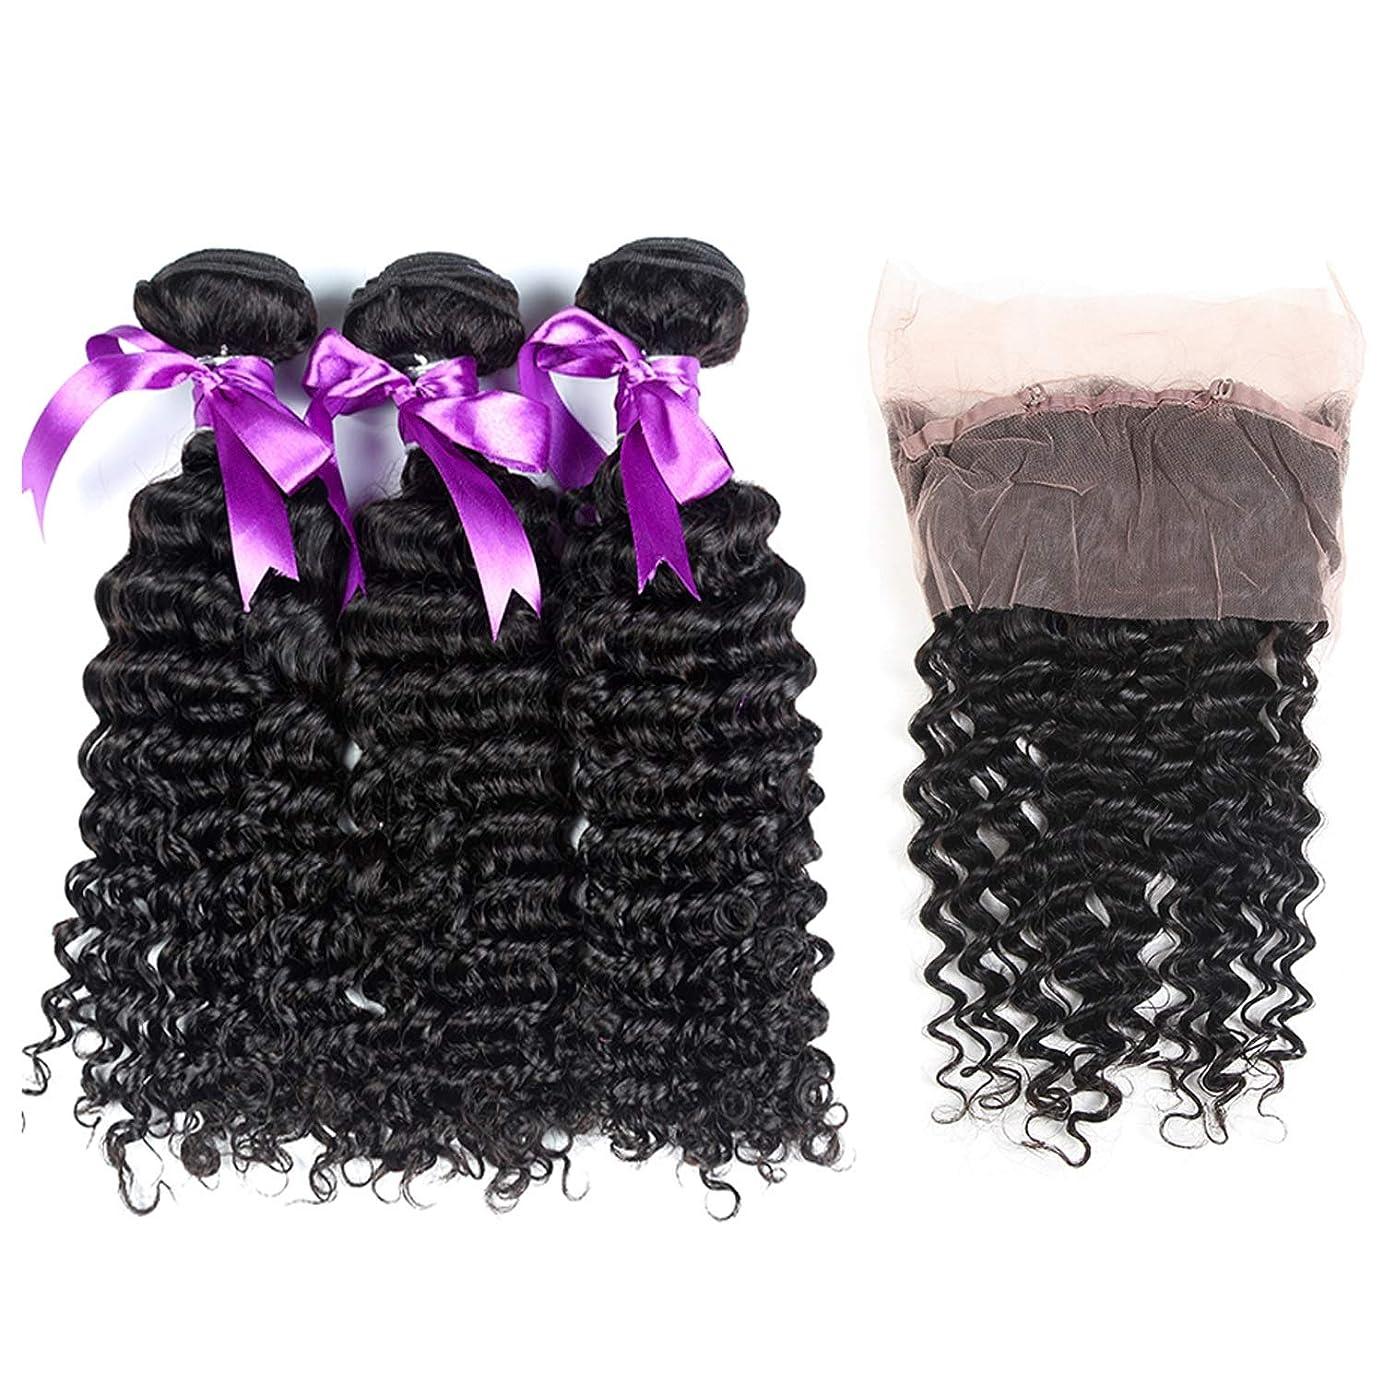 パーチナシティマチュピチュ和らげる人間の髪の毛のかつら360レース前頭閉鎖とブラジルのディープウェーブの束100%Non-Remy人間の髪の束 かつら (Length : 10 10 10 Closure10)